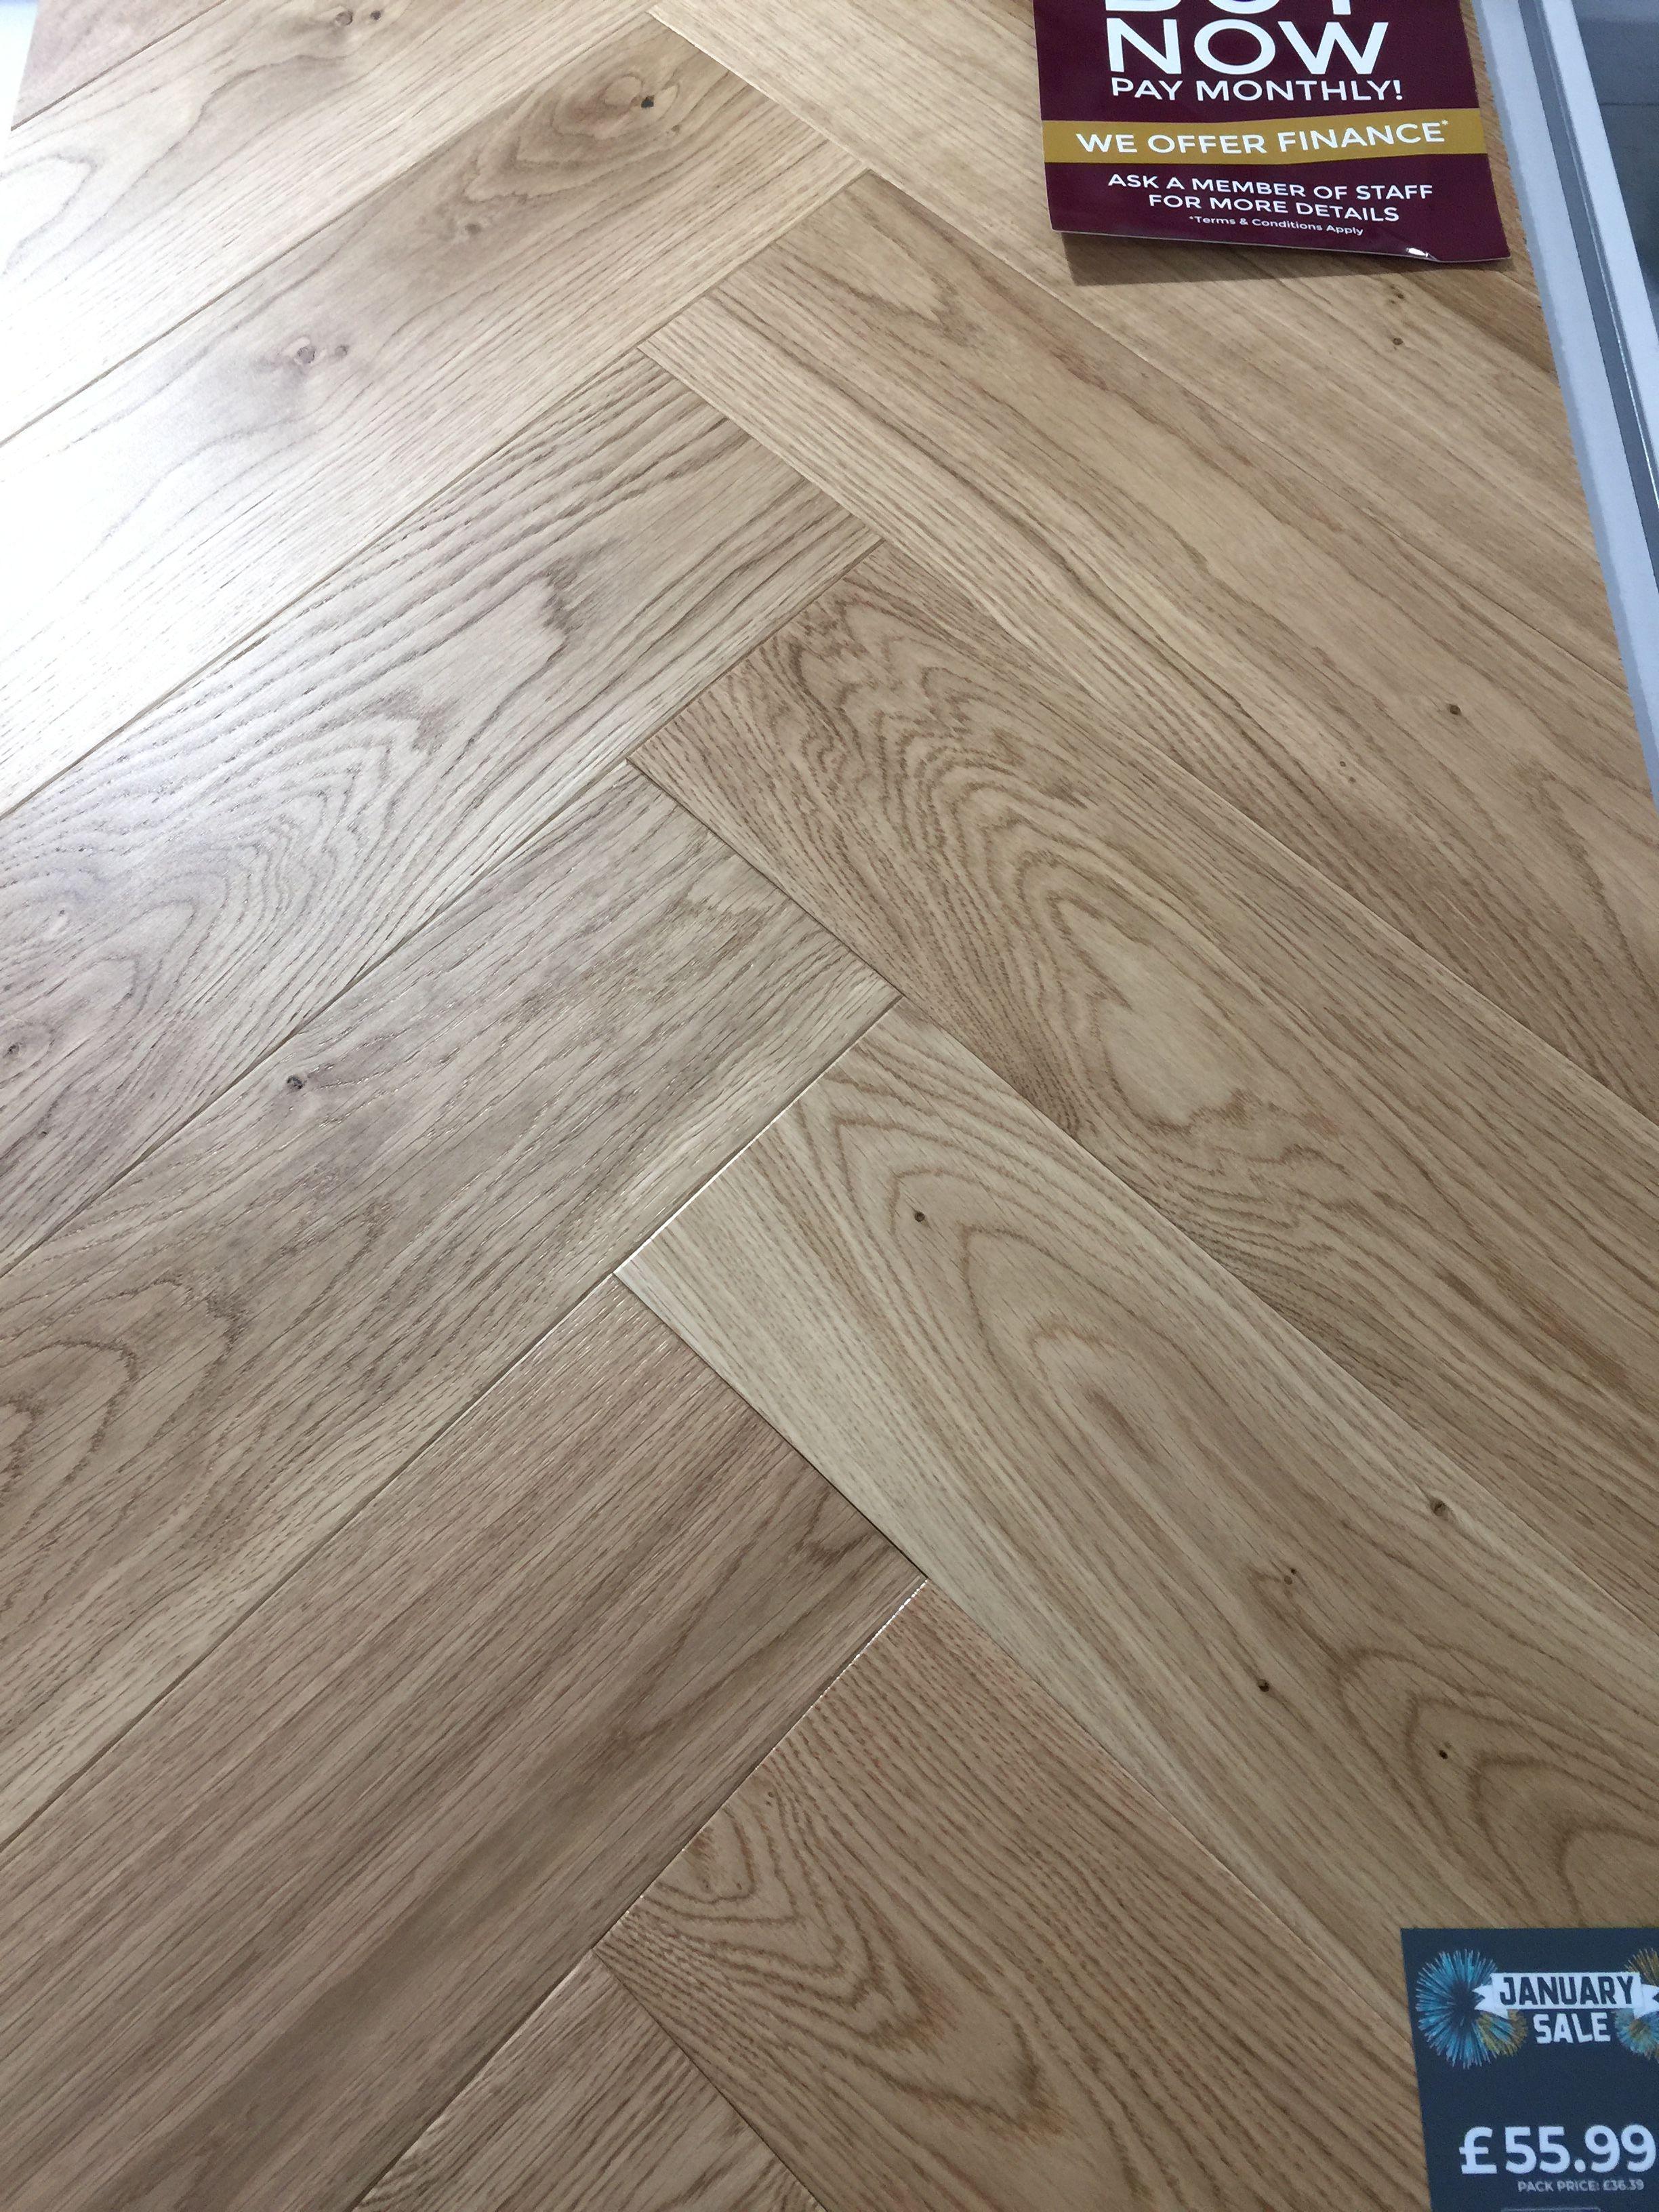 Pin By Jason Brough On Kitchen Kitchen Dinning Flooring Hardwood Floors